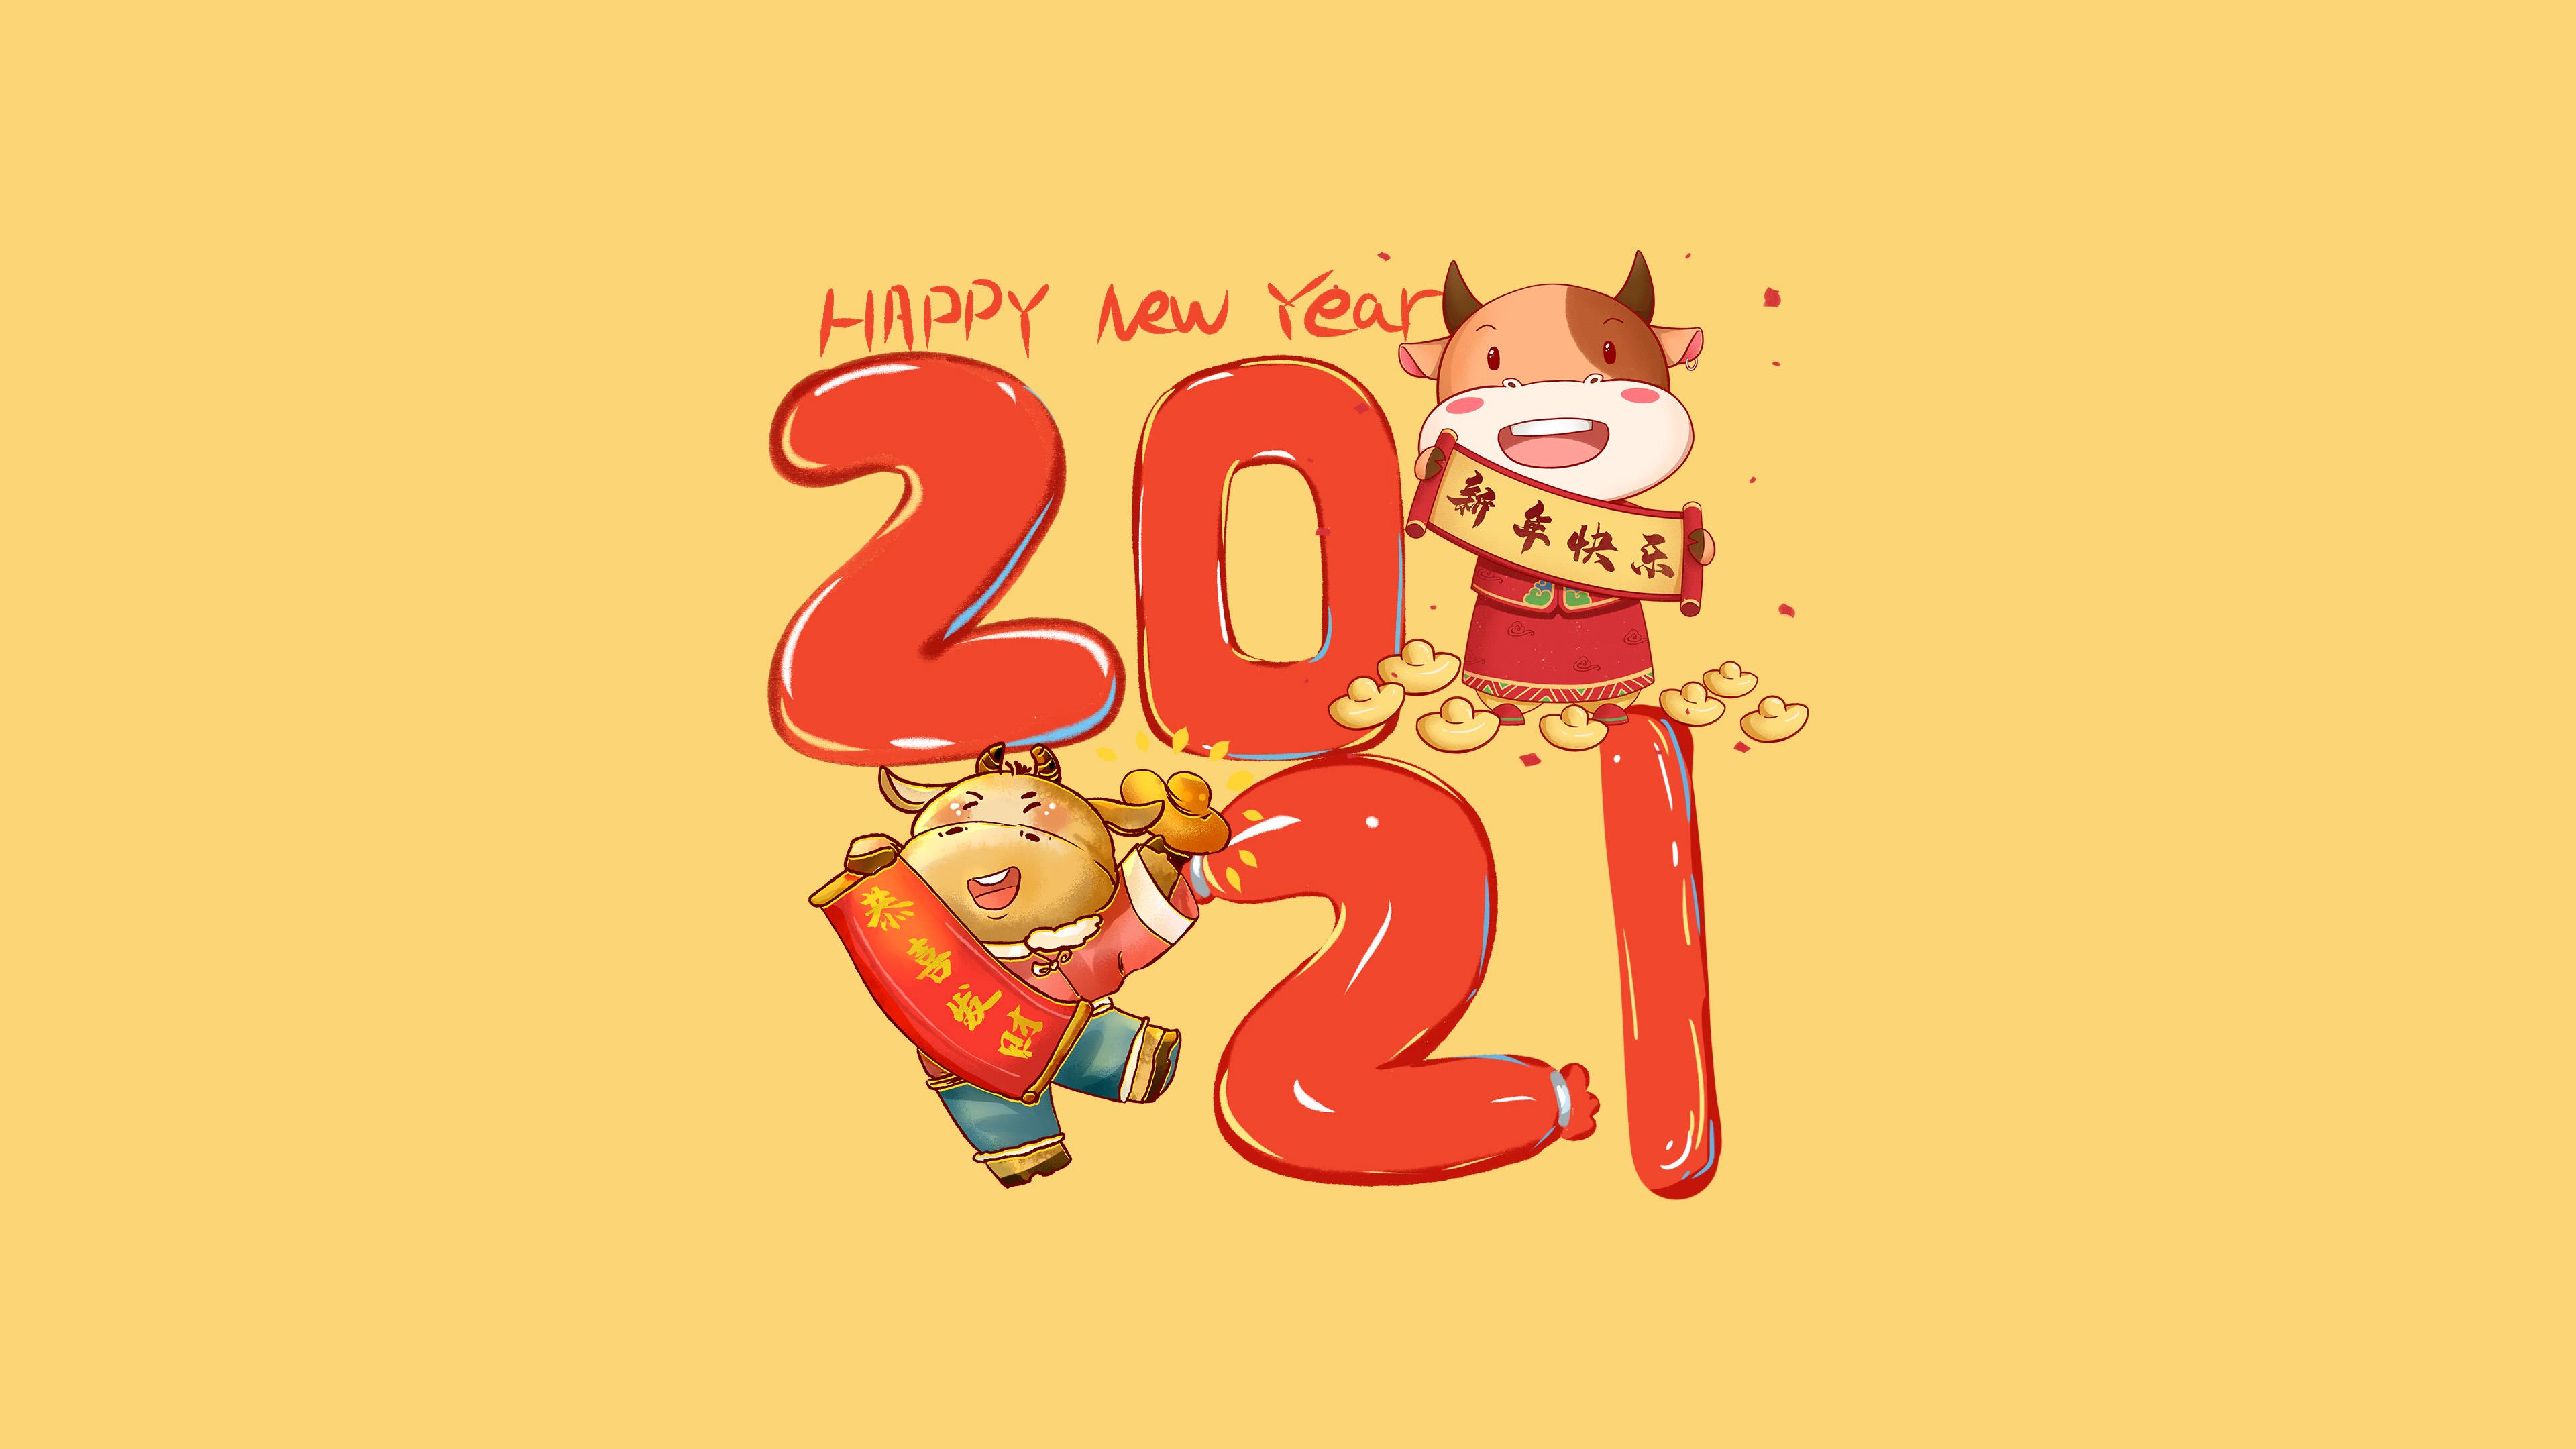 节日美图,春节,2021,农历新年,牛年,恭喜发财